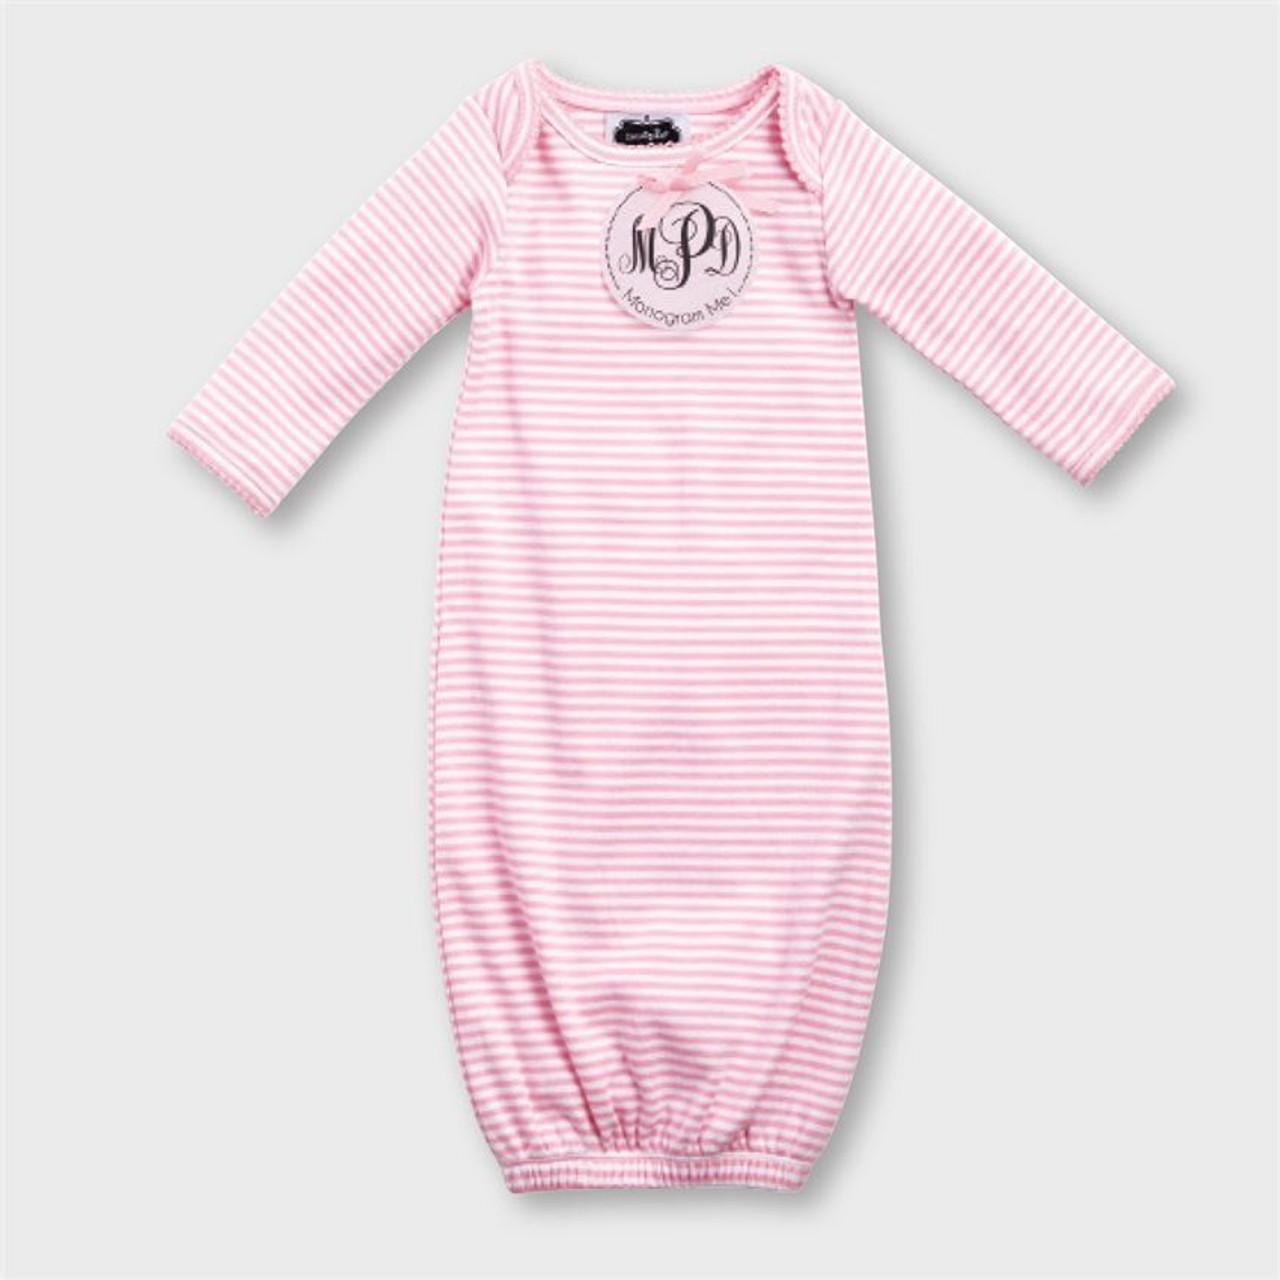 Monogram Me Sleep Gown - Pink | Cordial Lee